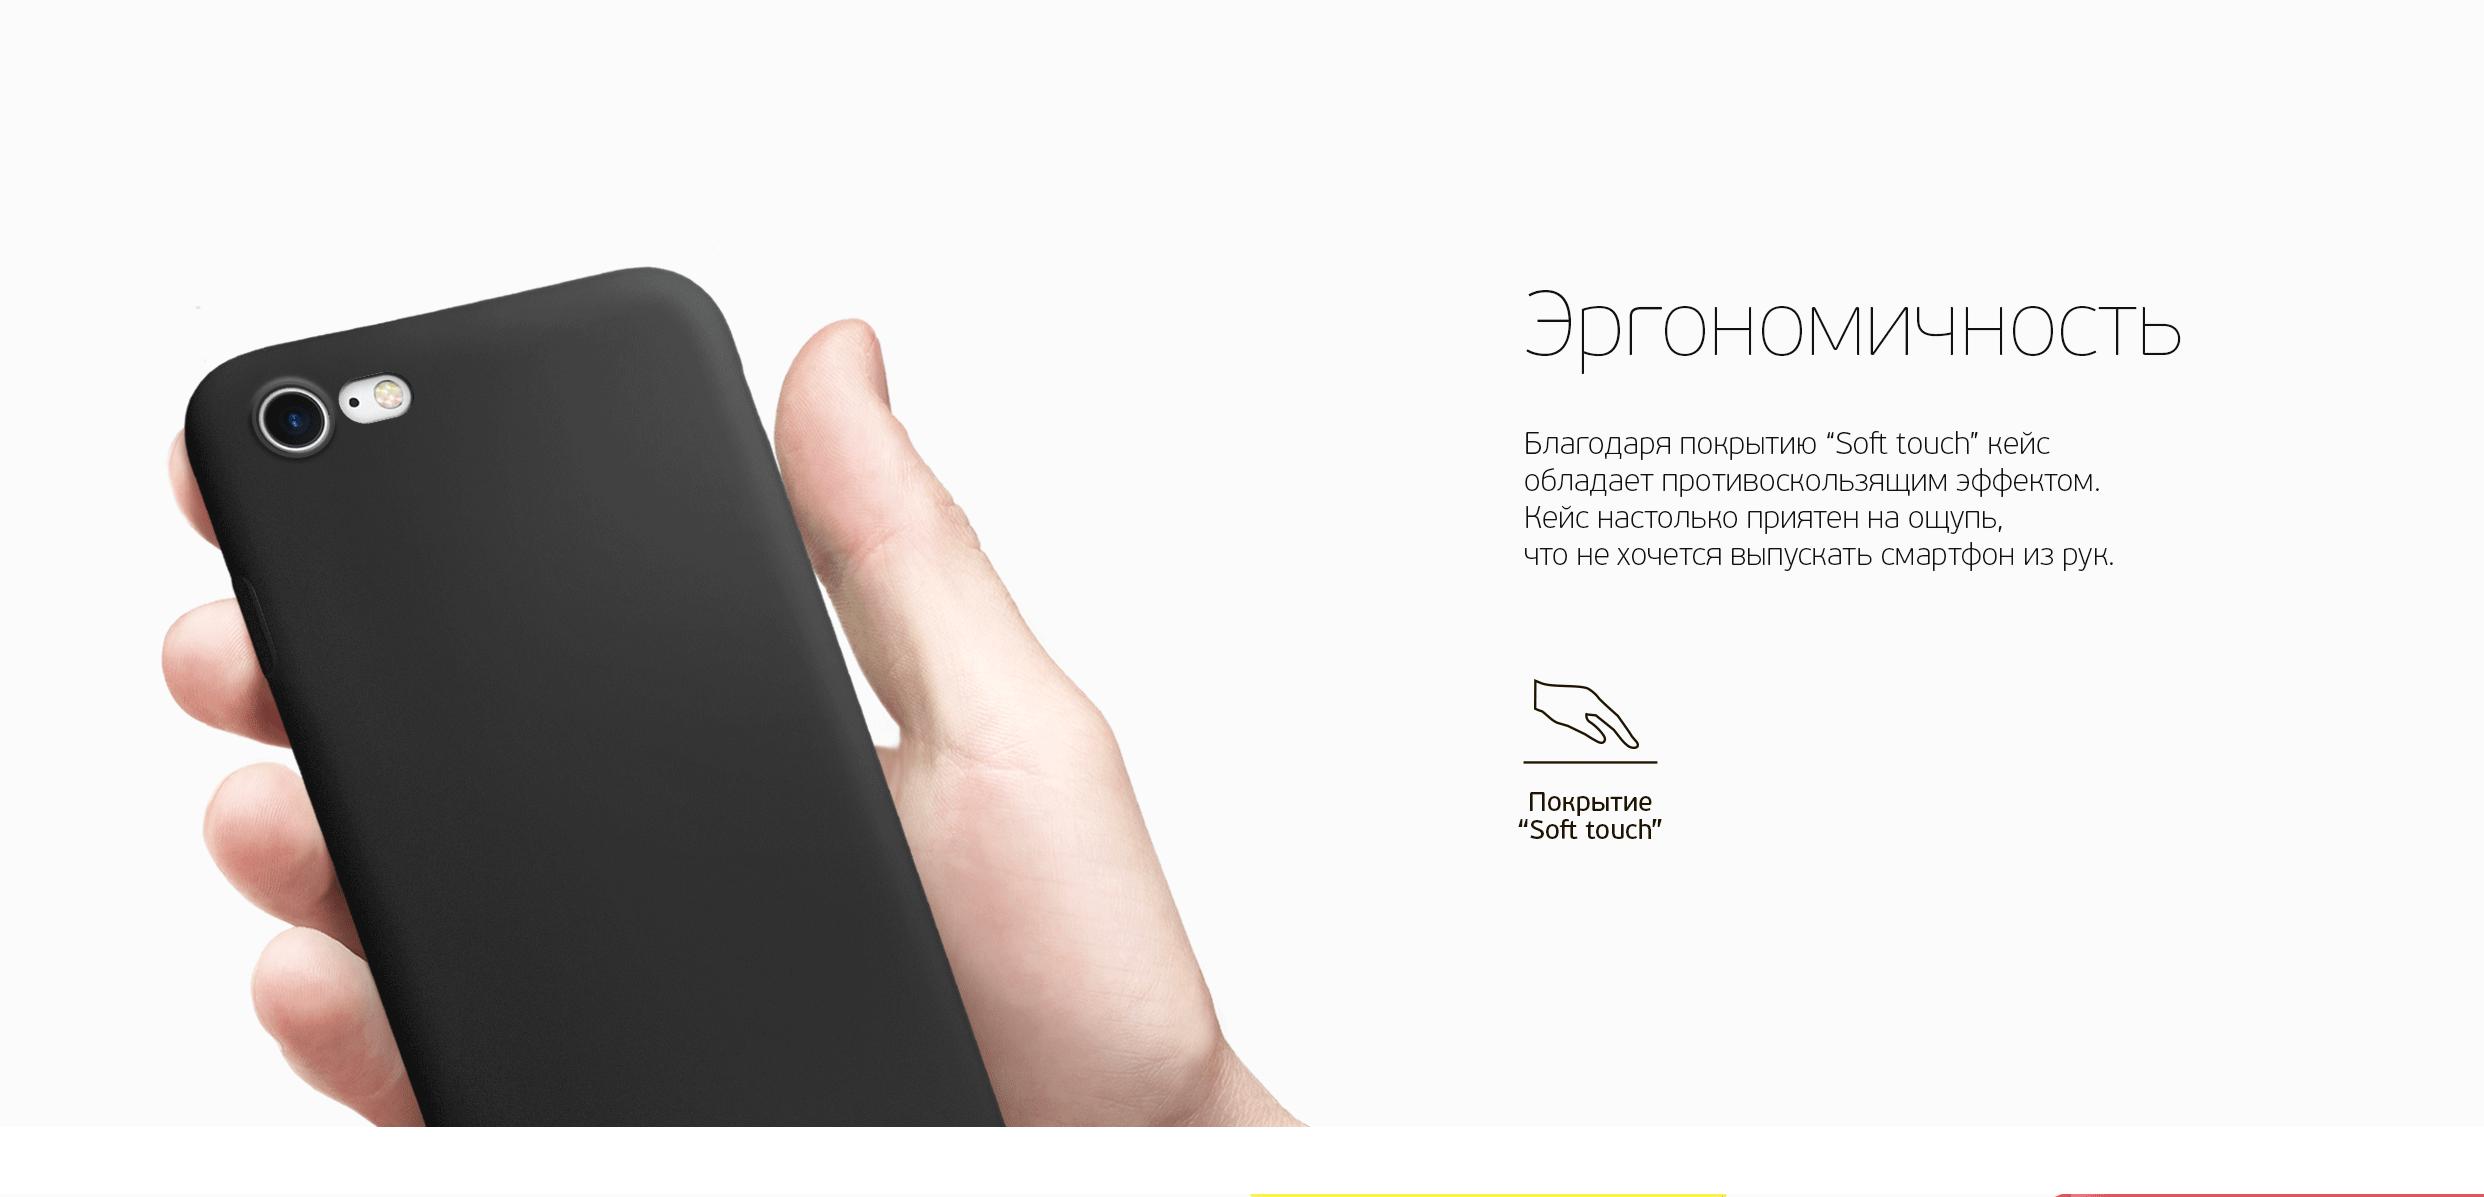 обзор-Gel-Air-iPhone-7-RUS_02.png